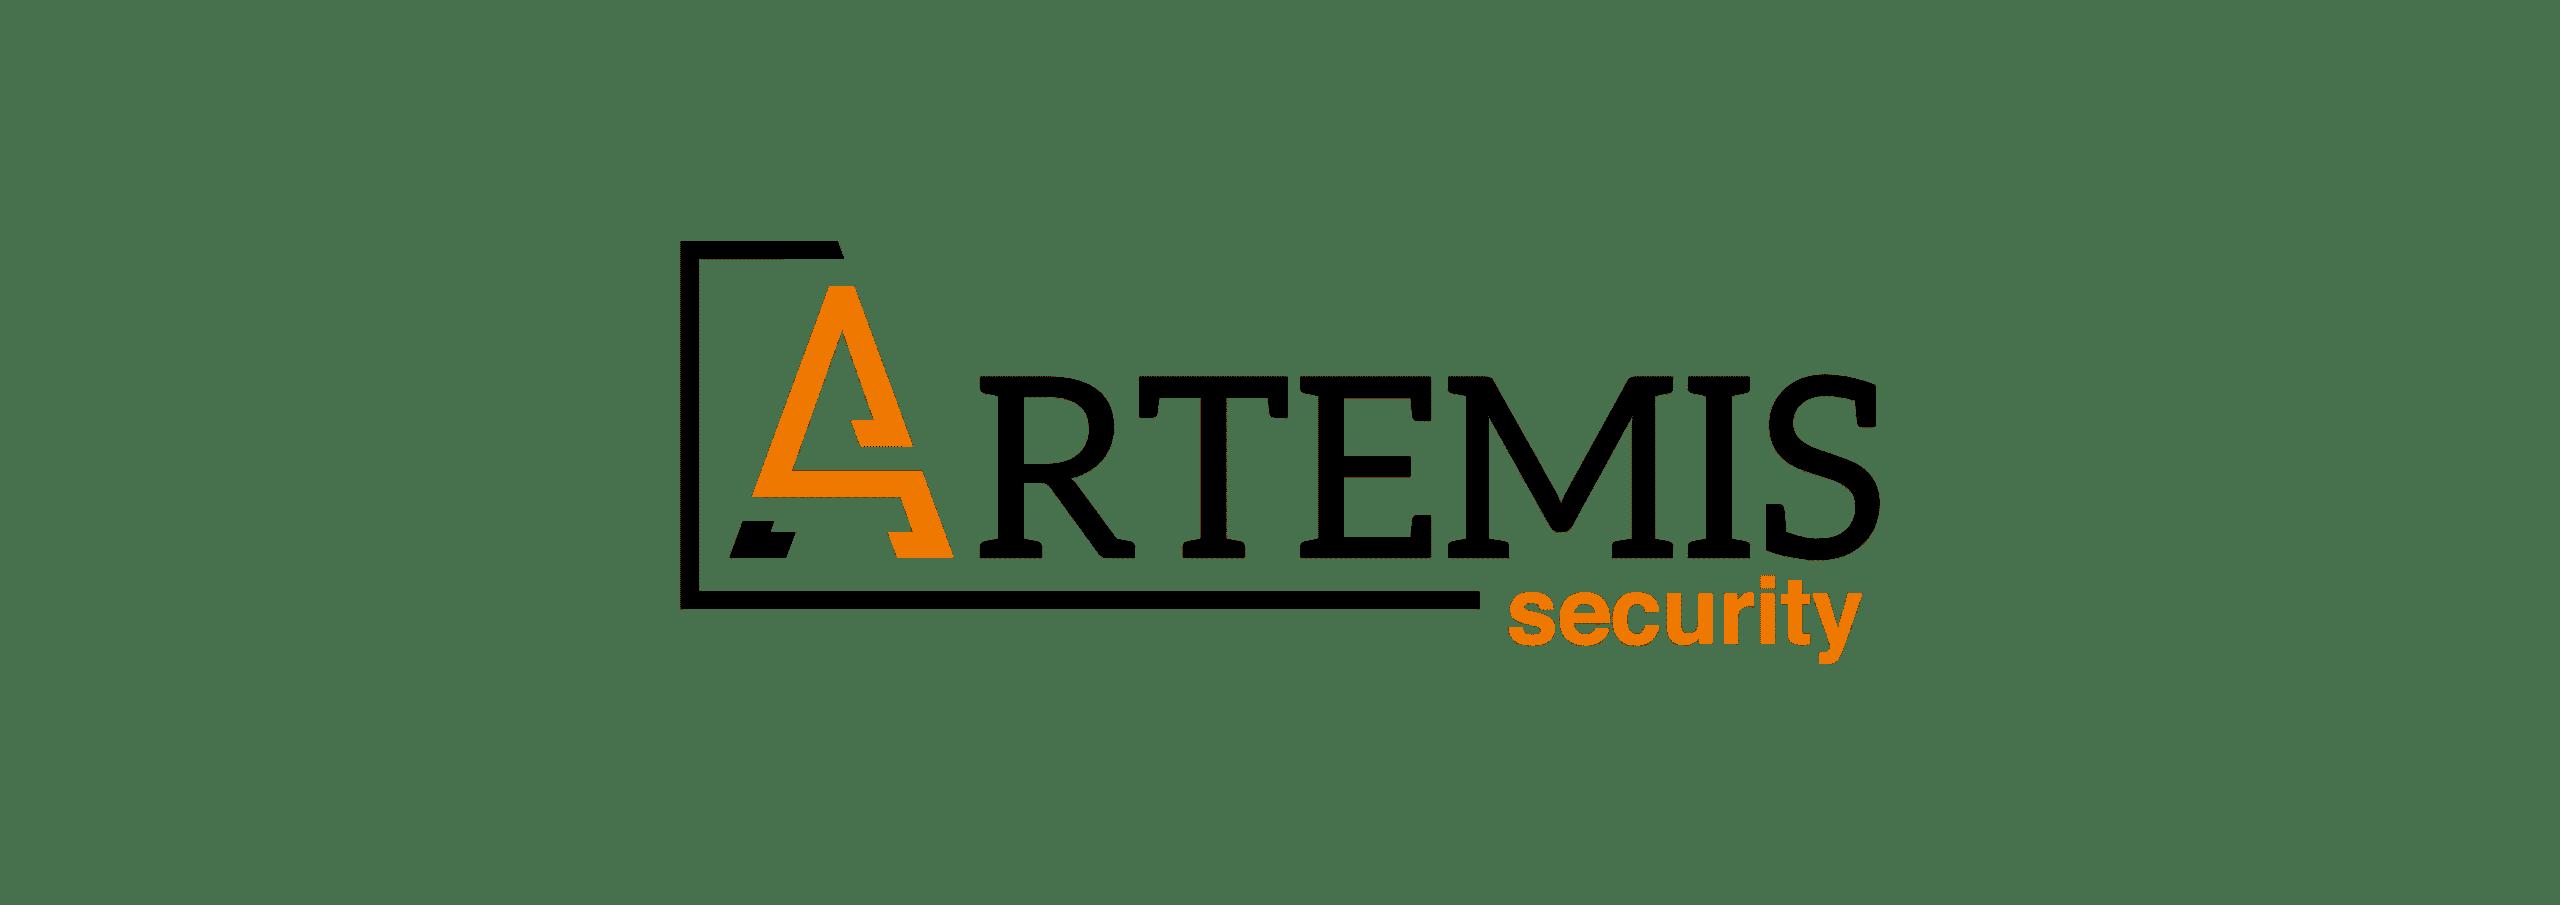 ARTEMIS SECURITY